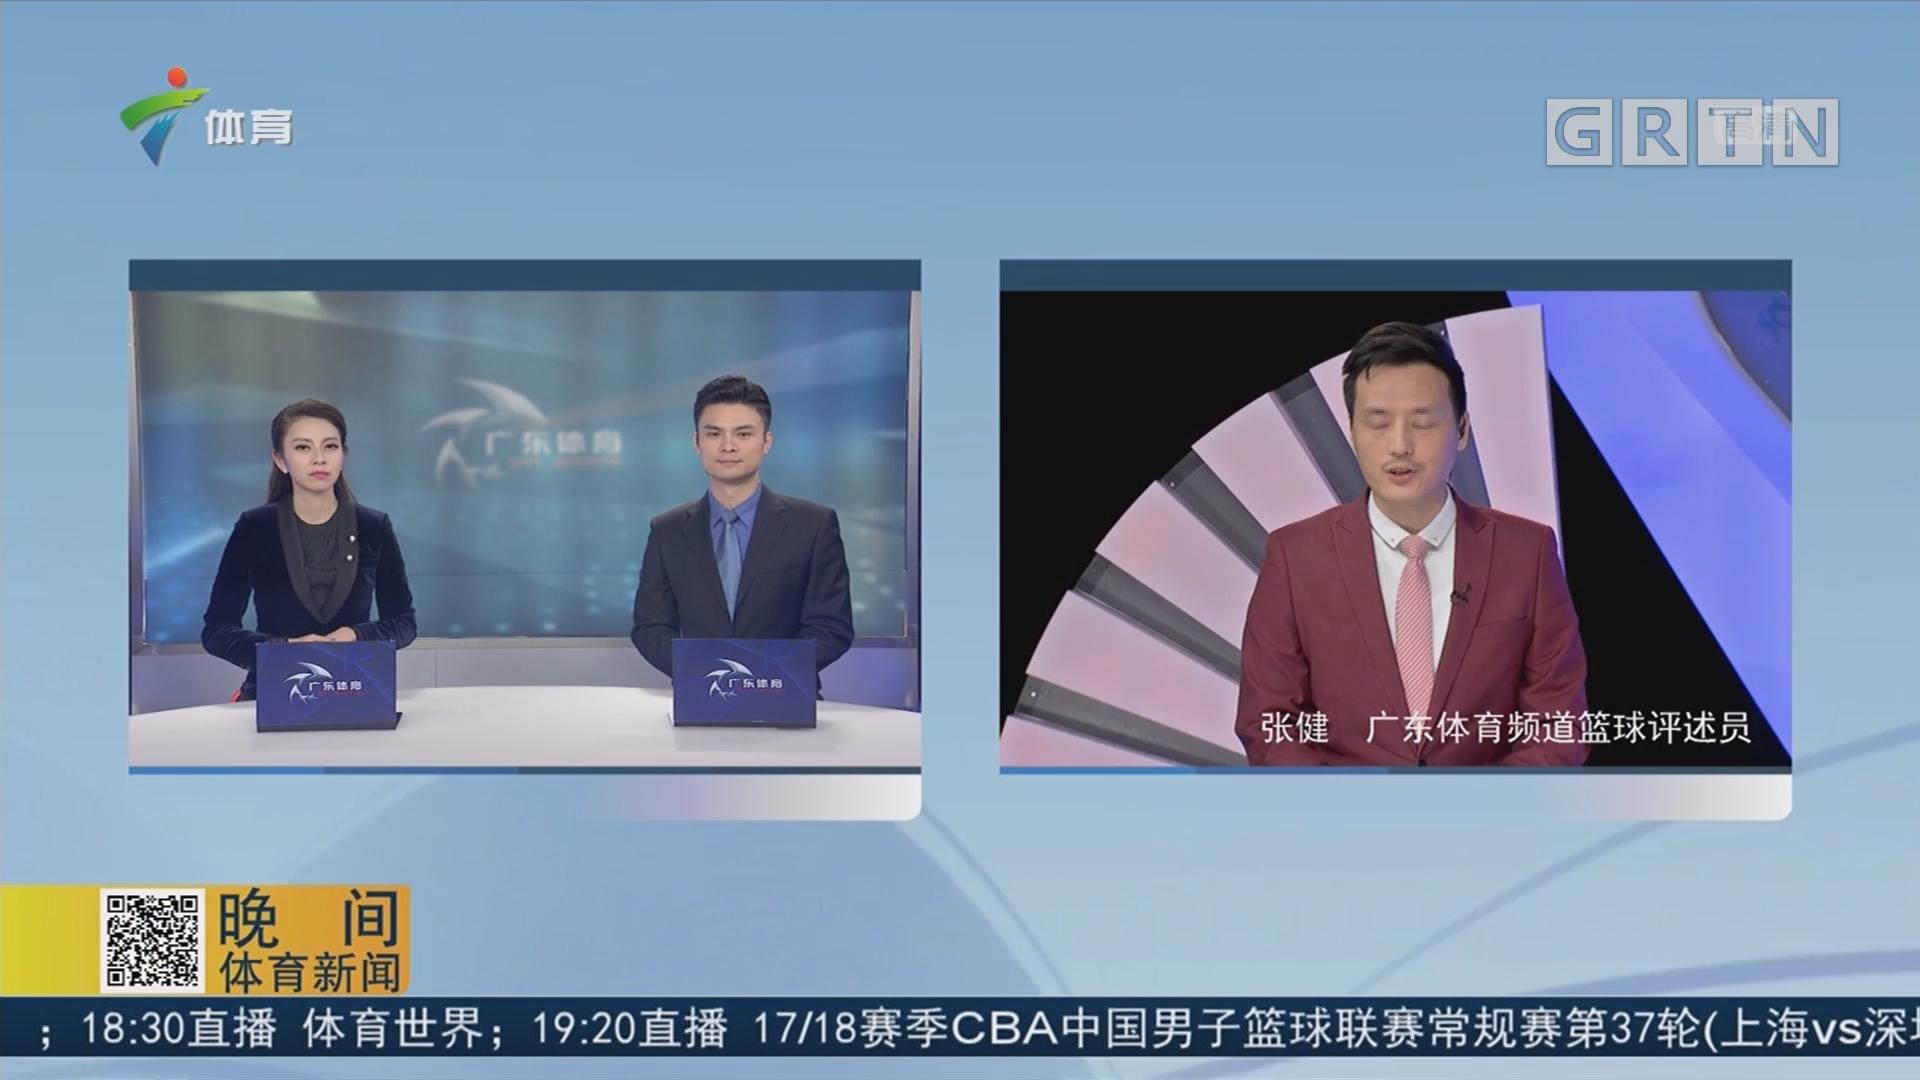 广州龙狮队史首次杀入季后赛——评论员评论